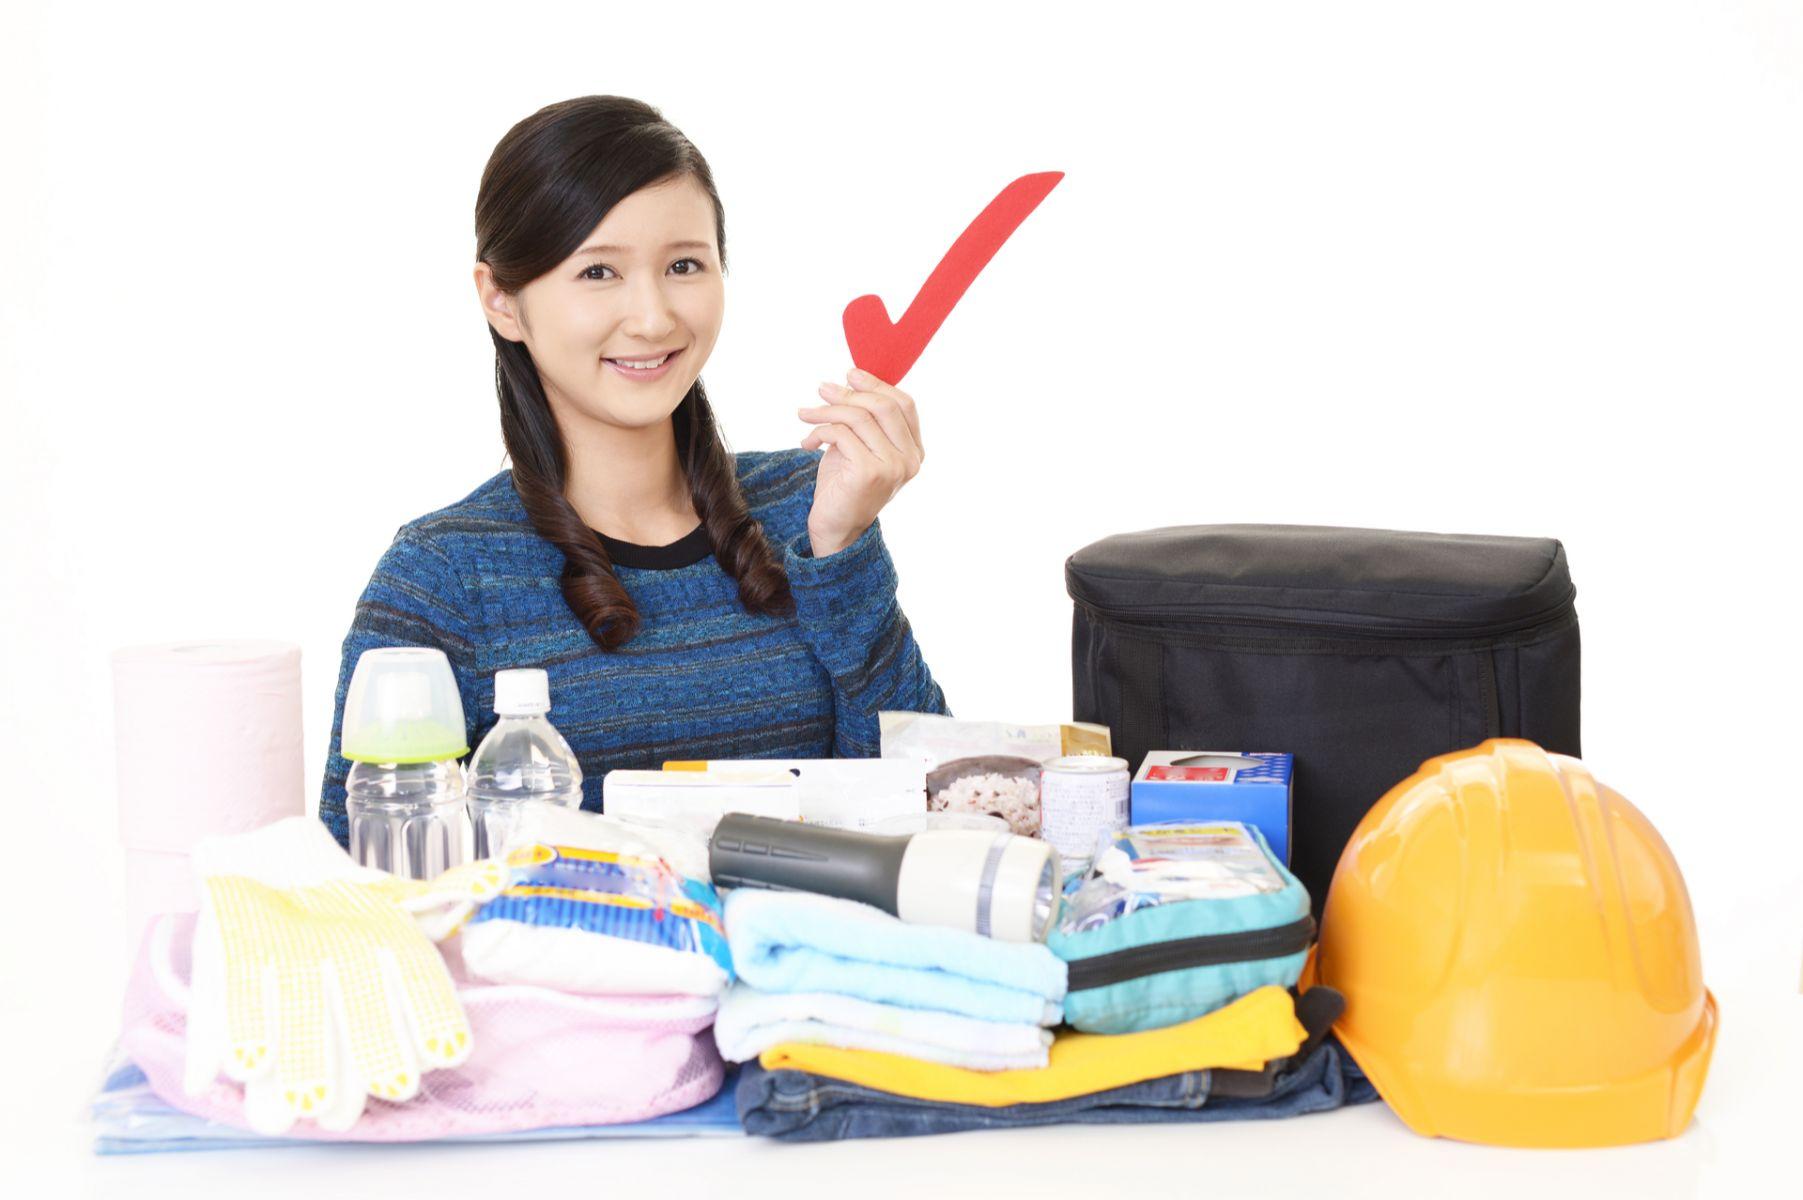 恐還有地震!你家的「緊急避難包」有裝這些東西嗎?